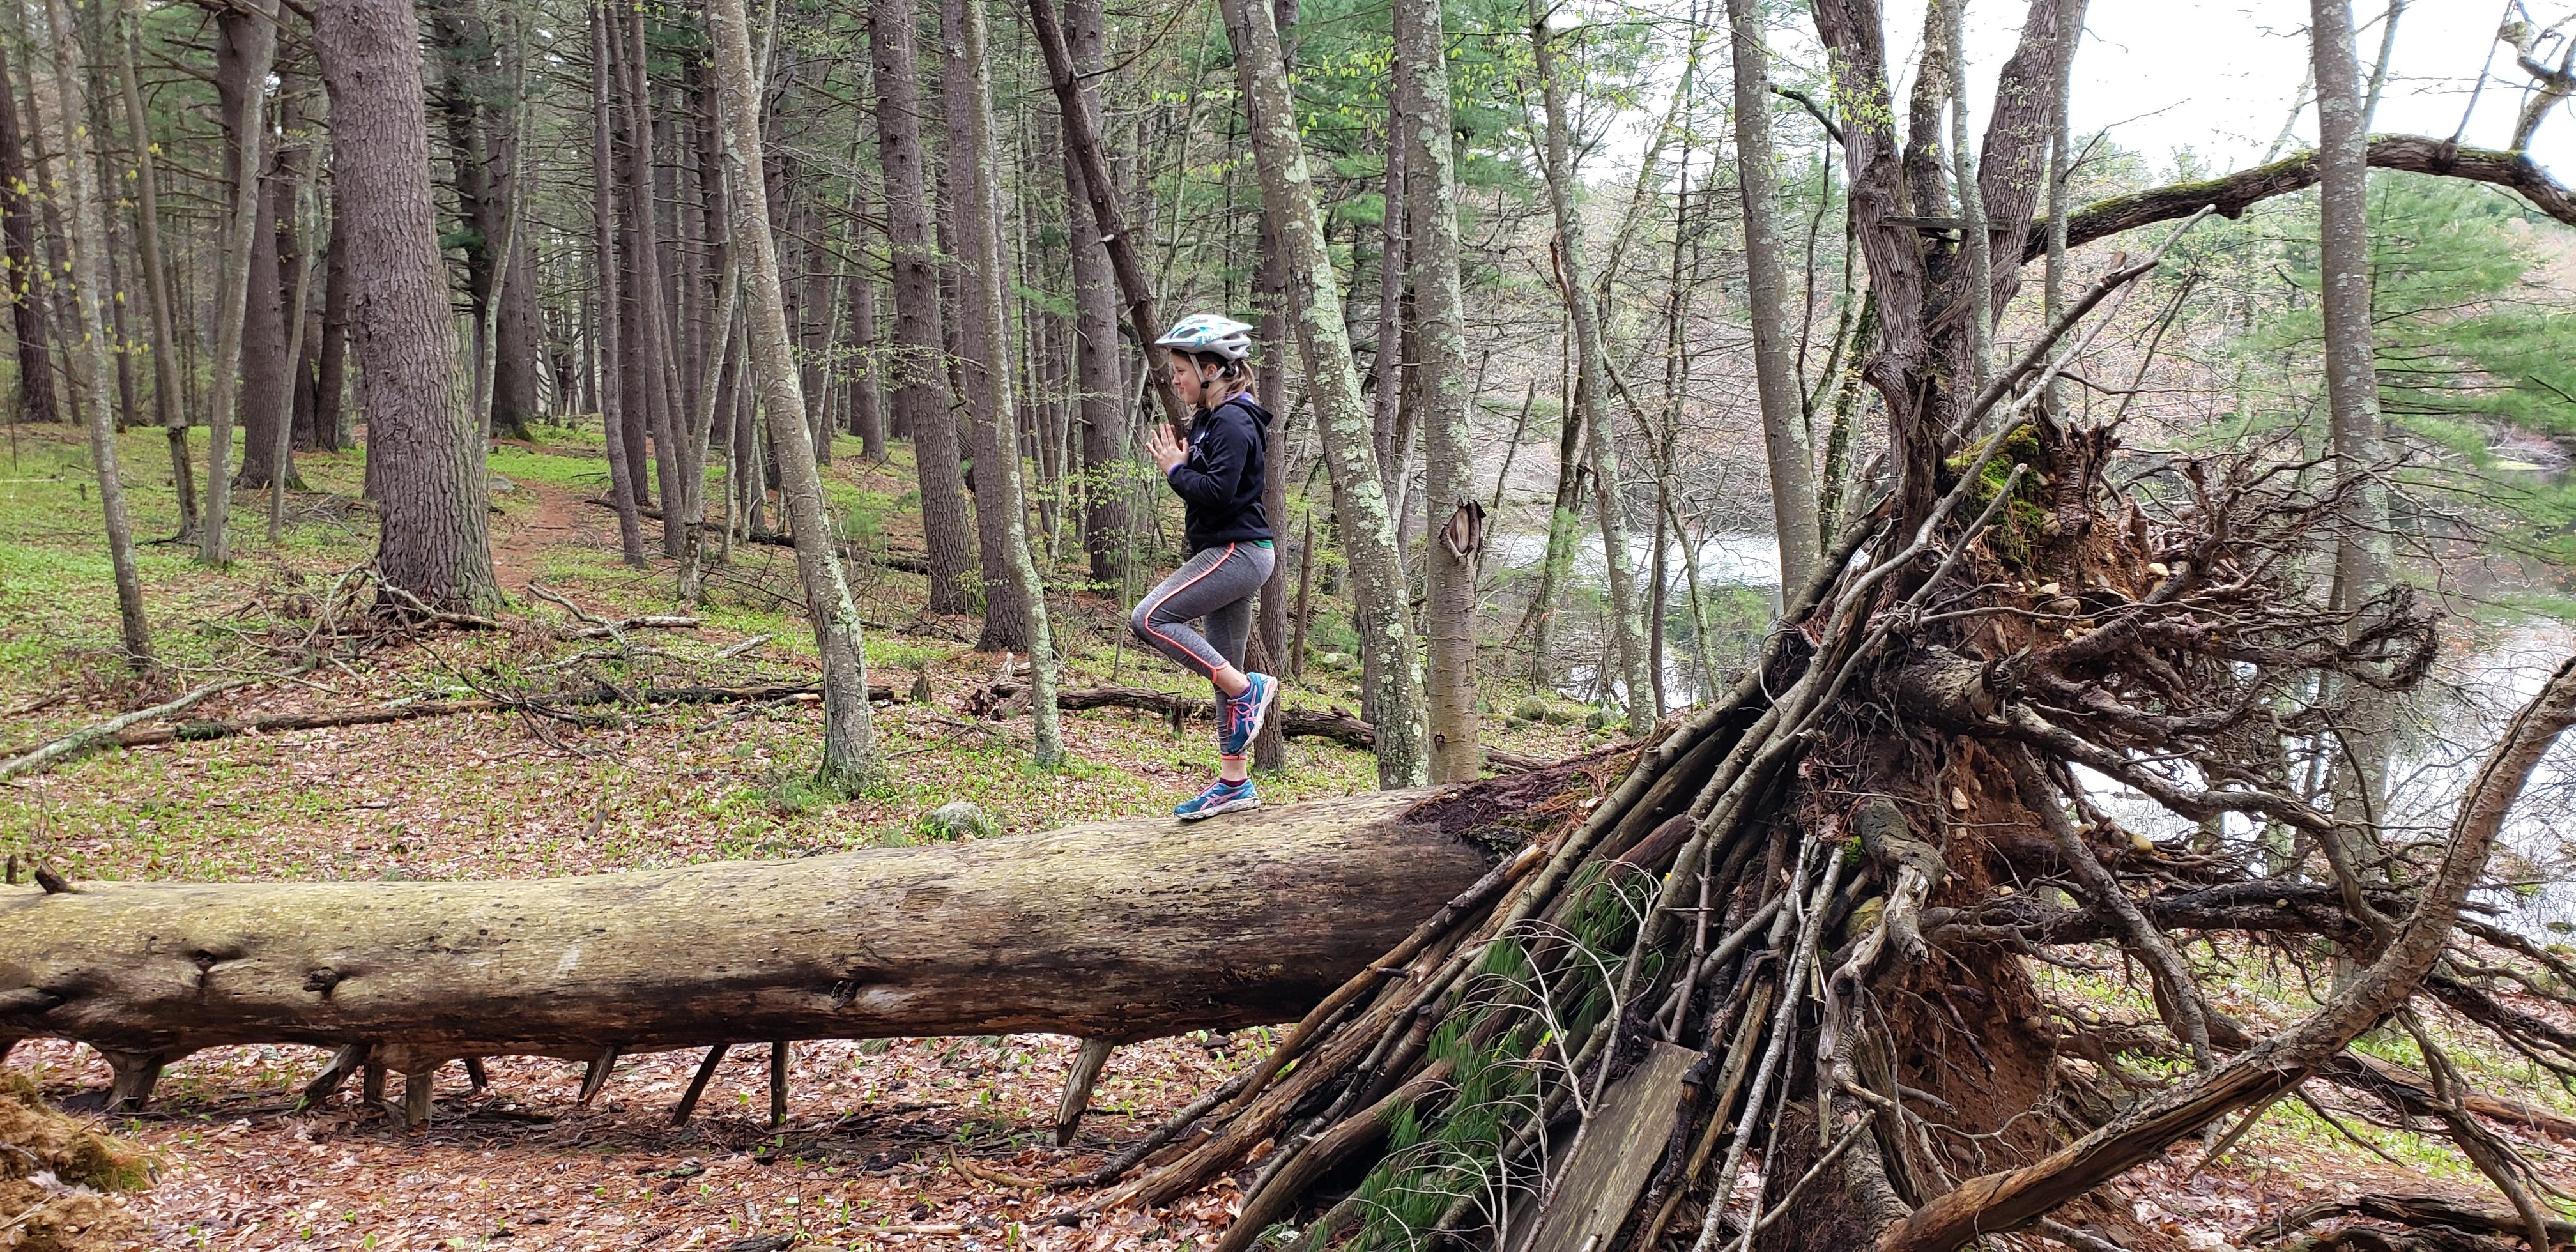 Concord - Estabrook tree balancing